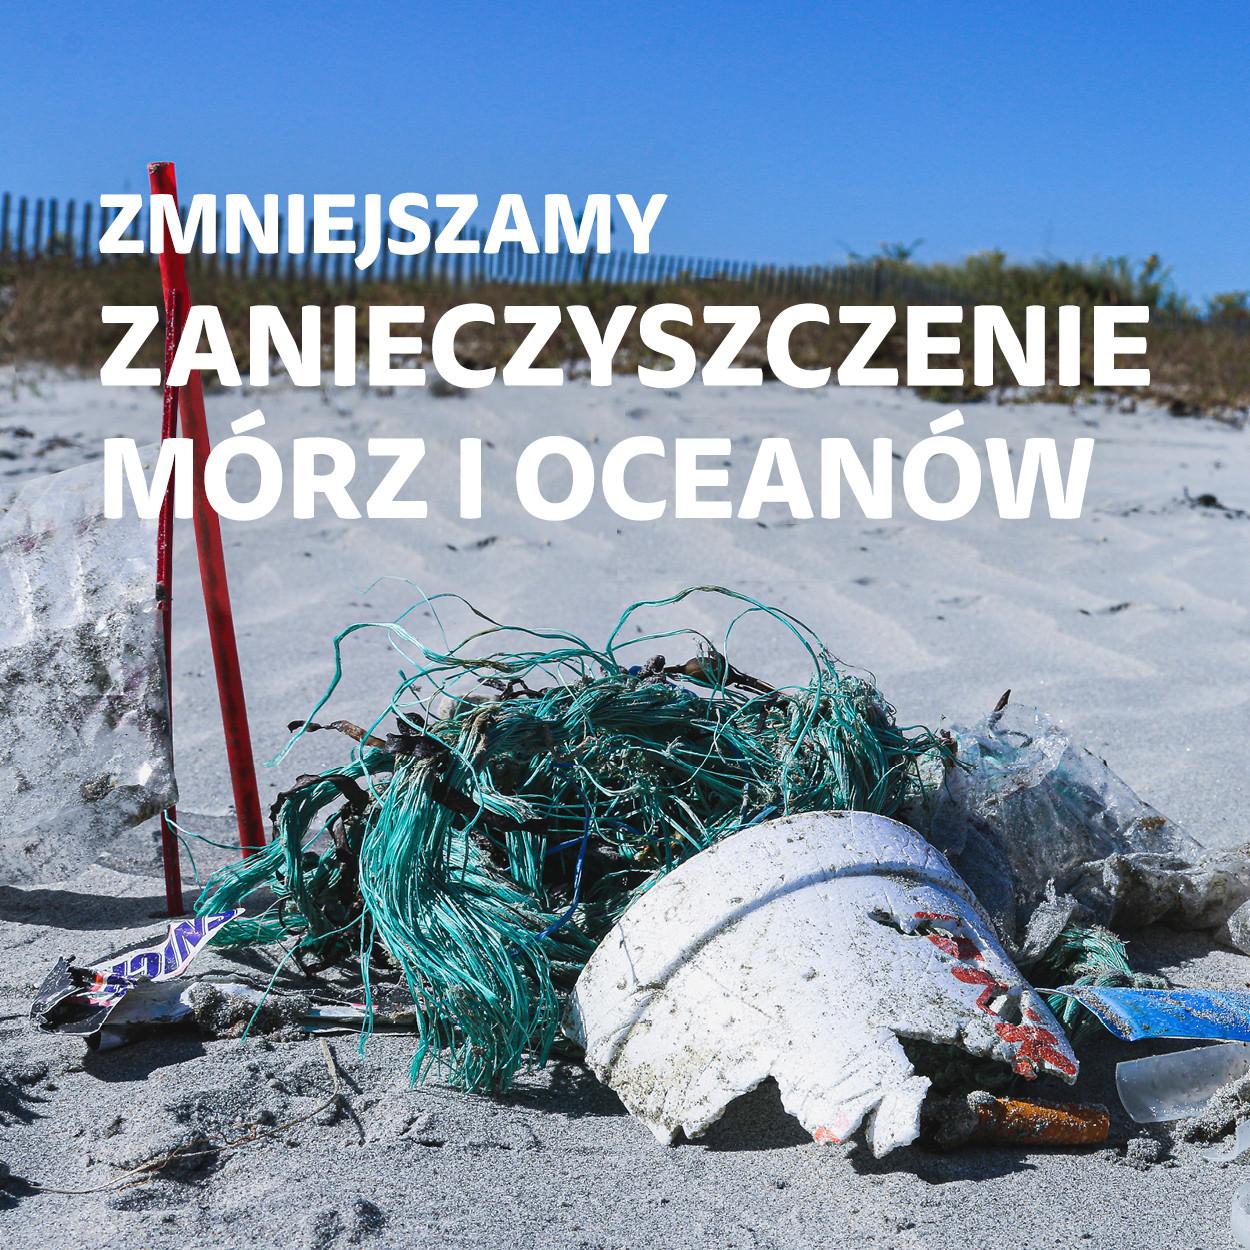 Zmniejszamy zanieczyszczenie mórz i oceanów